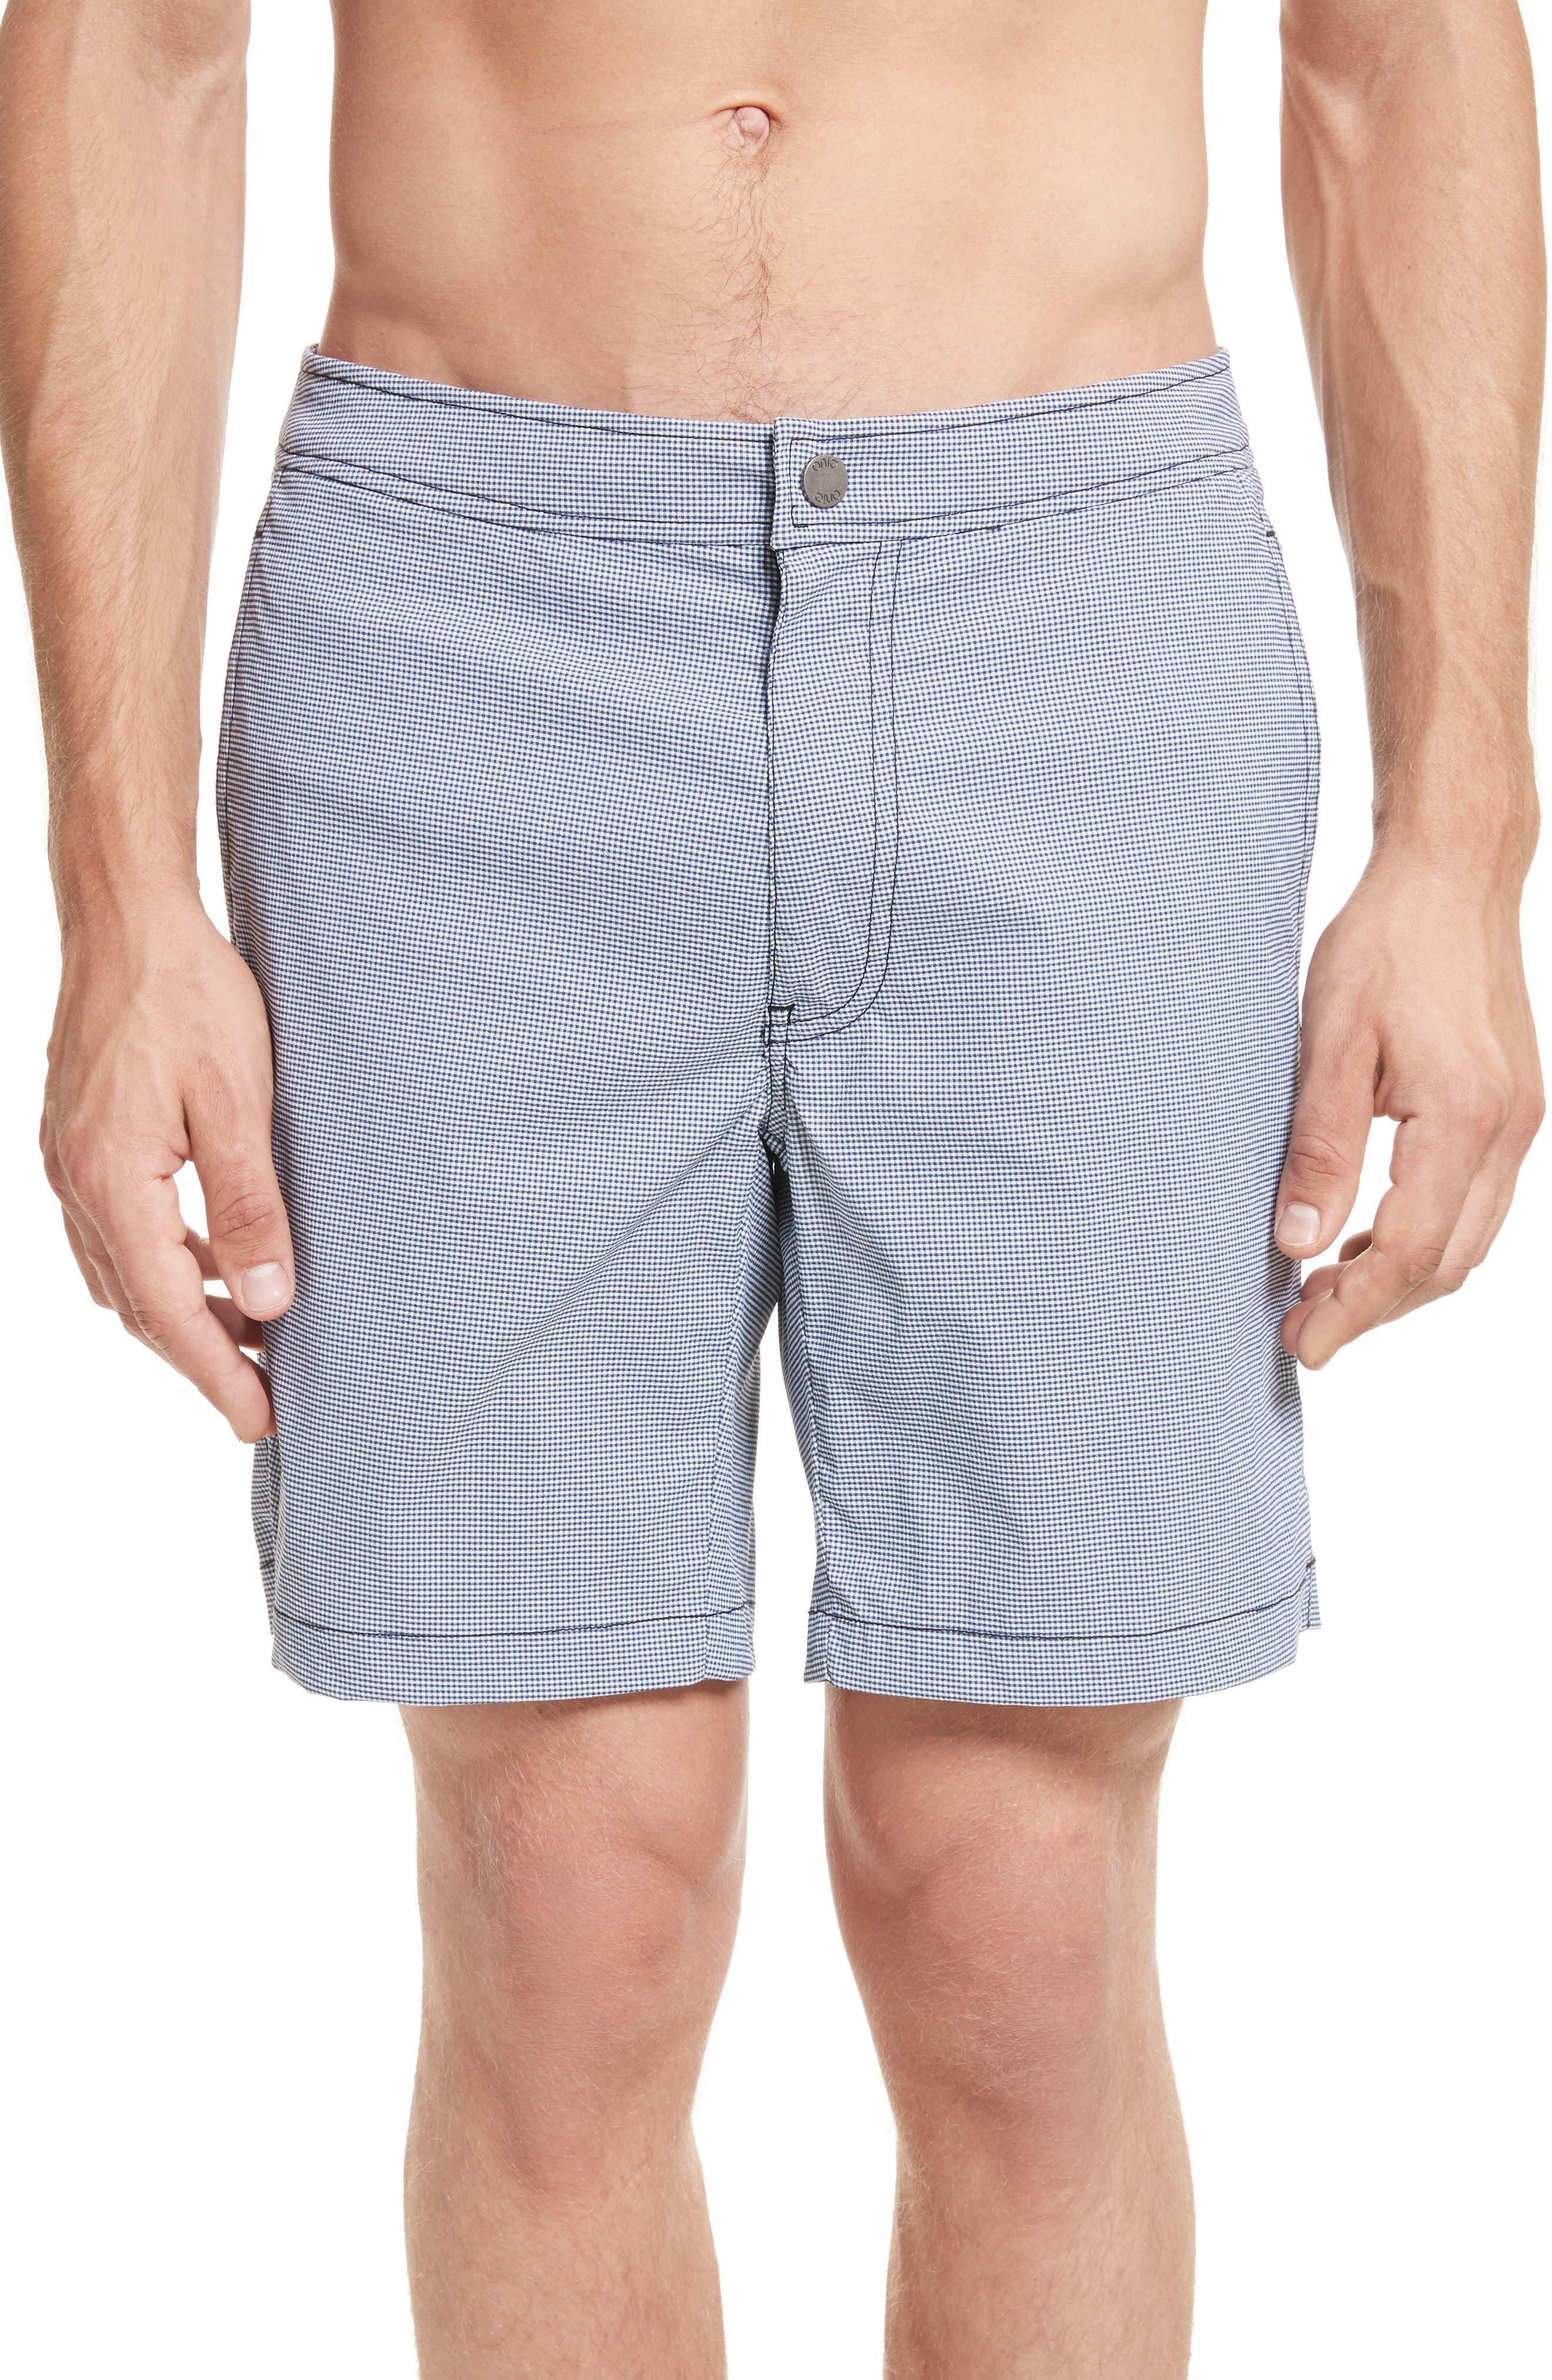 Calder Gingham Board Shorts,                             Main thumbnail 1, color,                             DEEP NAVY/WHITE